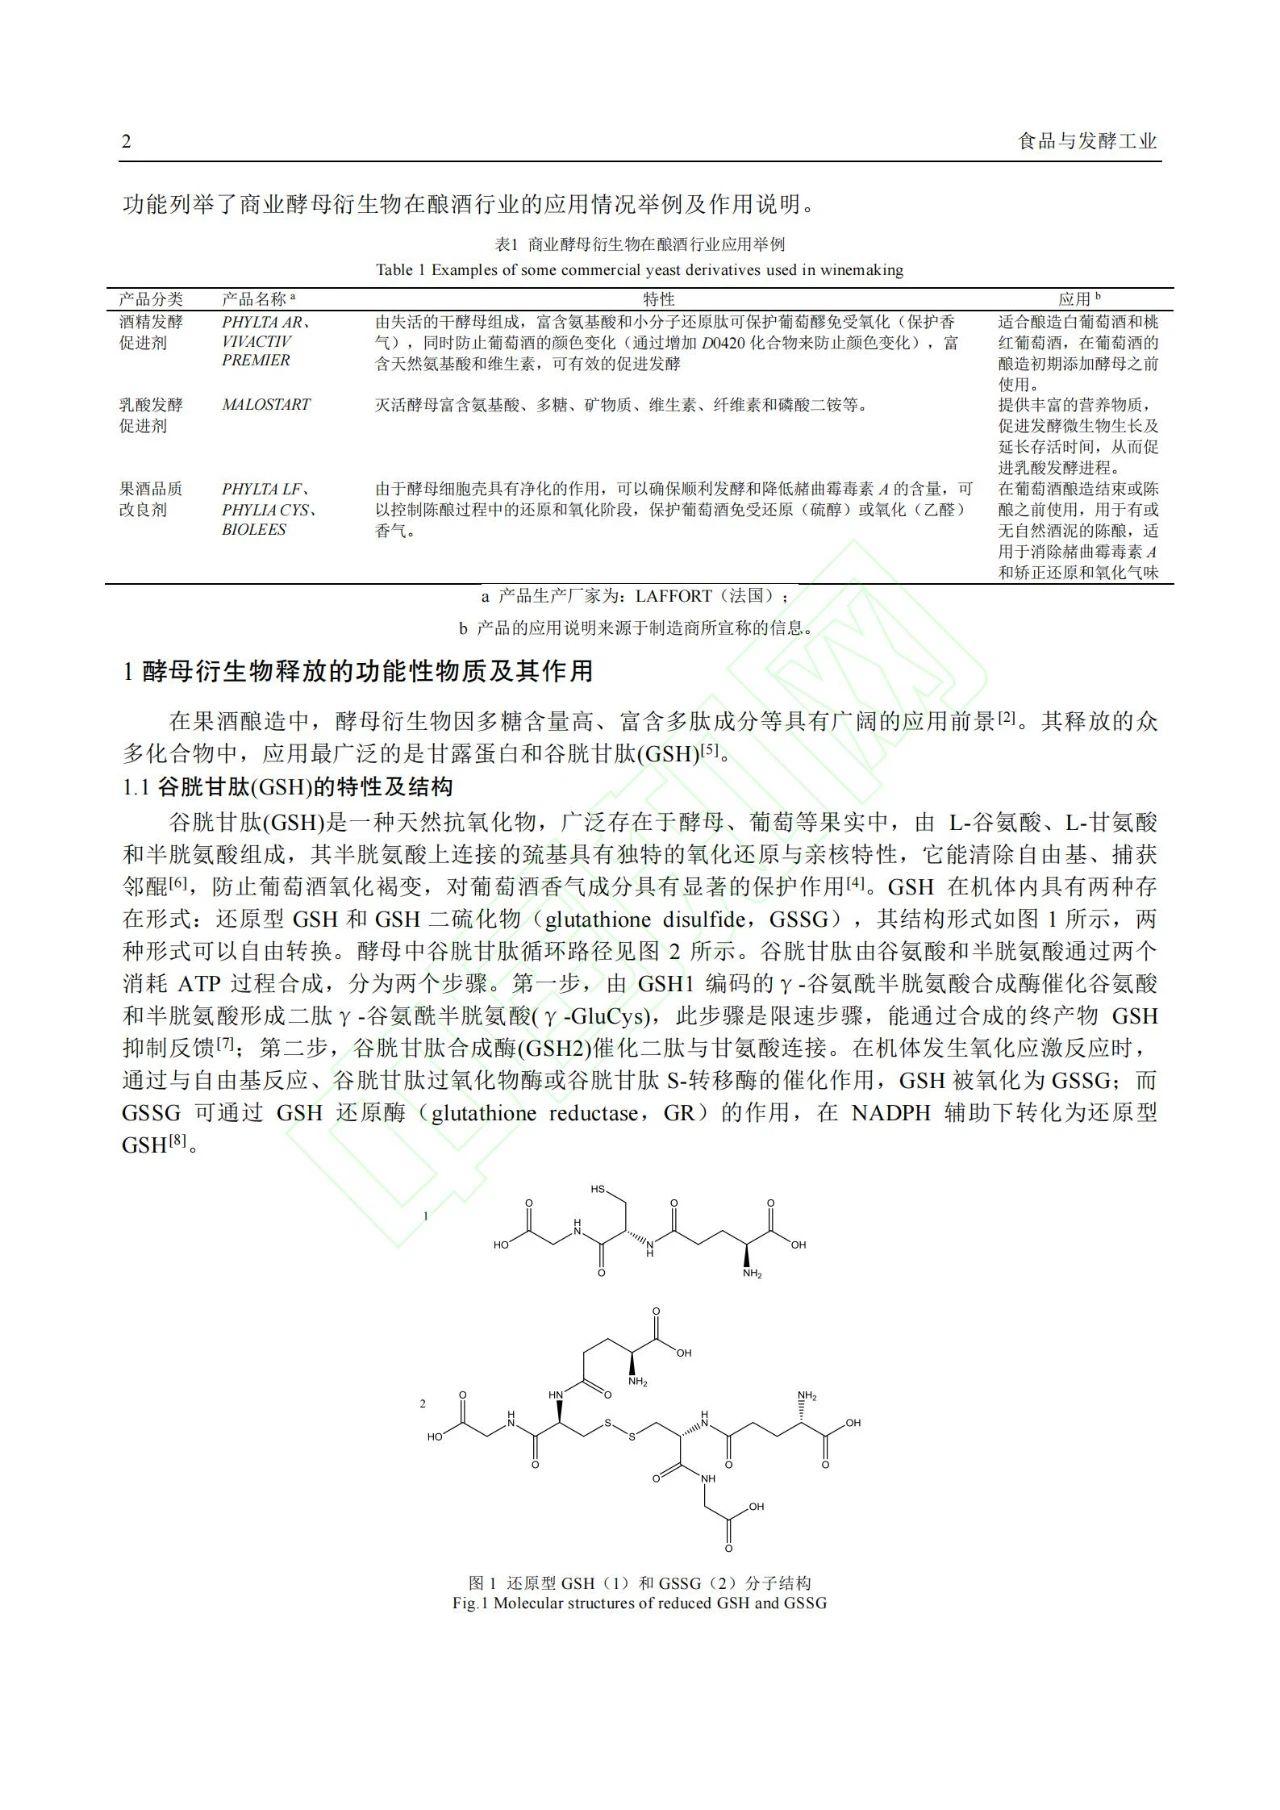 研究|酵母衍生物在果酒中的应用进展